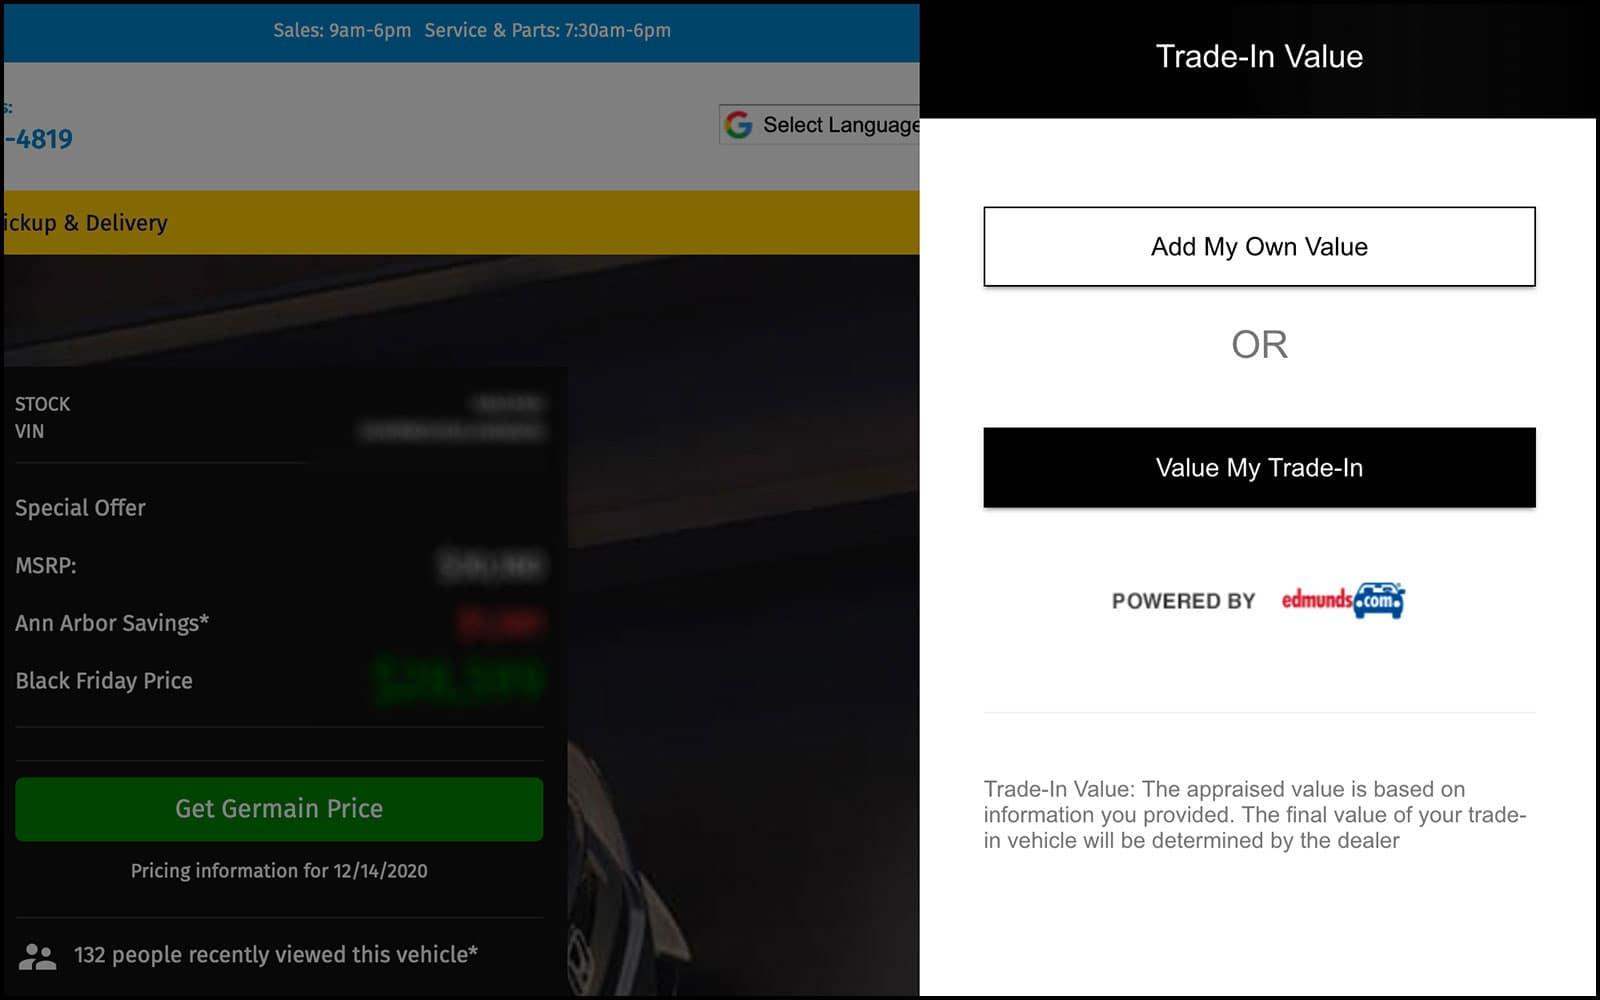 Step 2: Trade